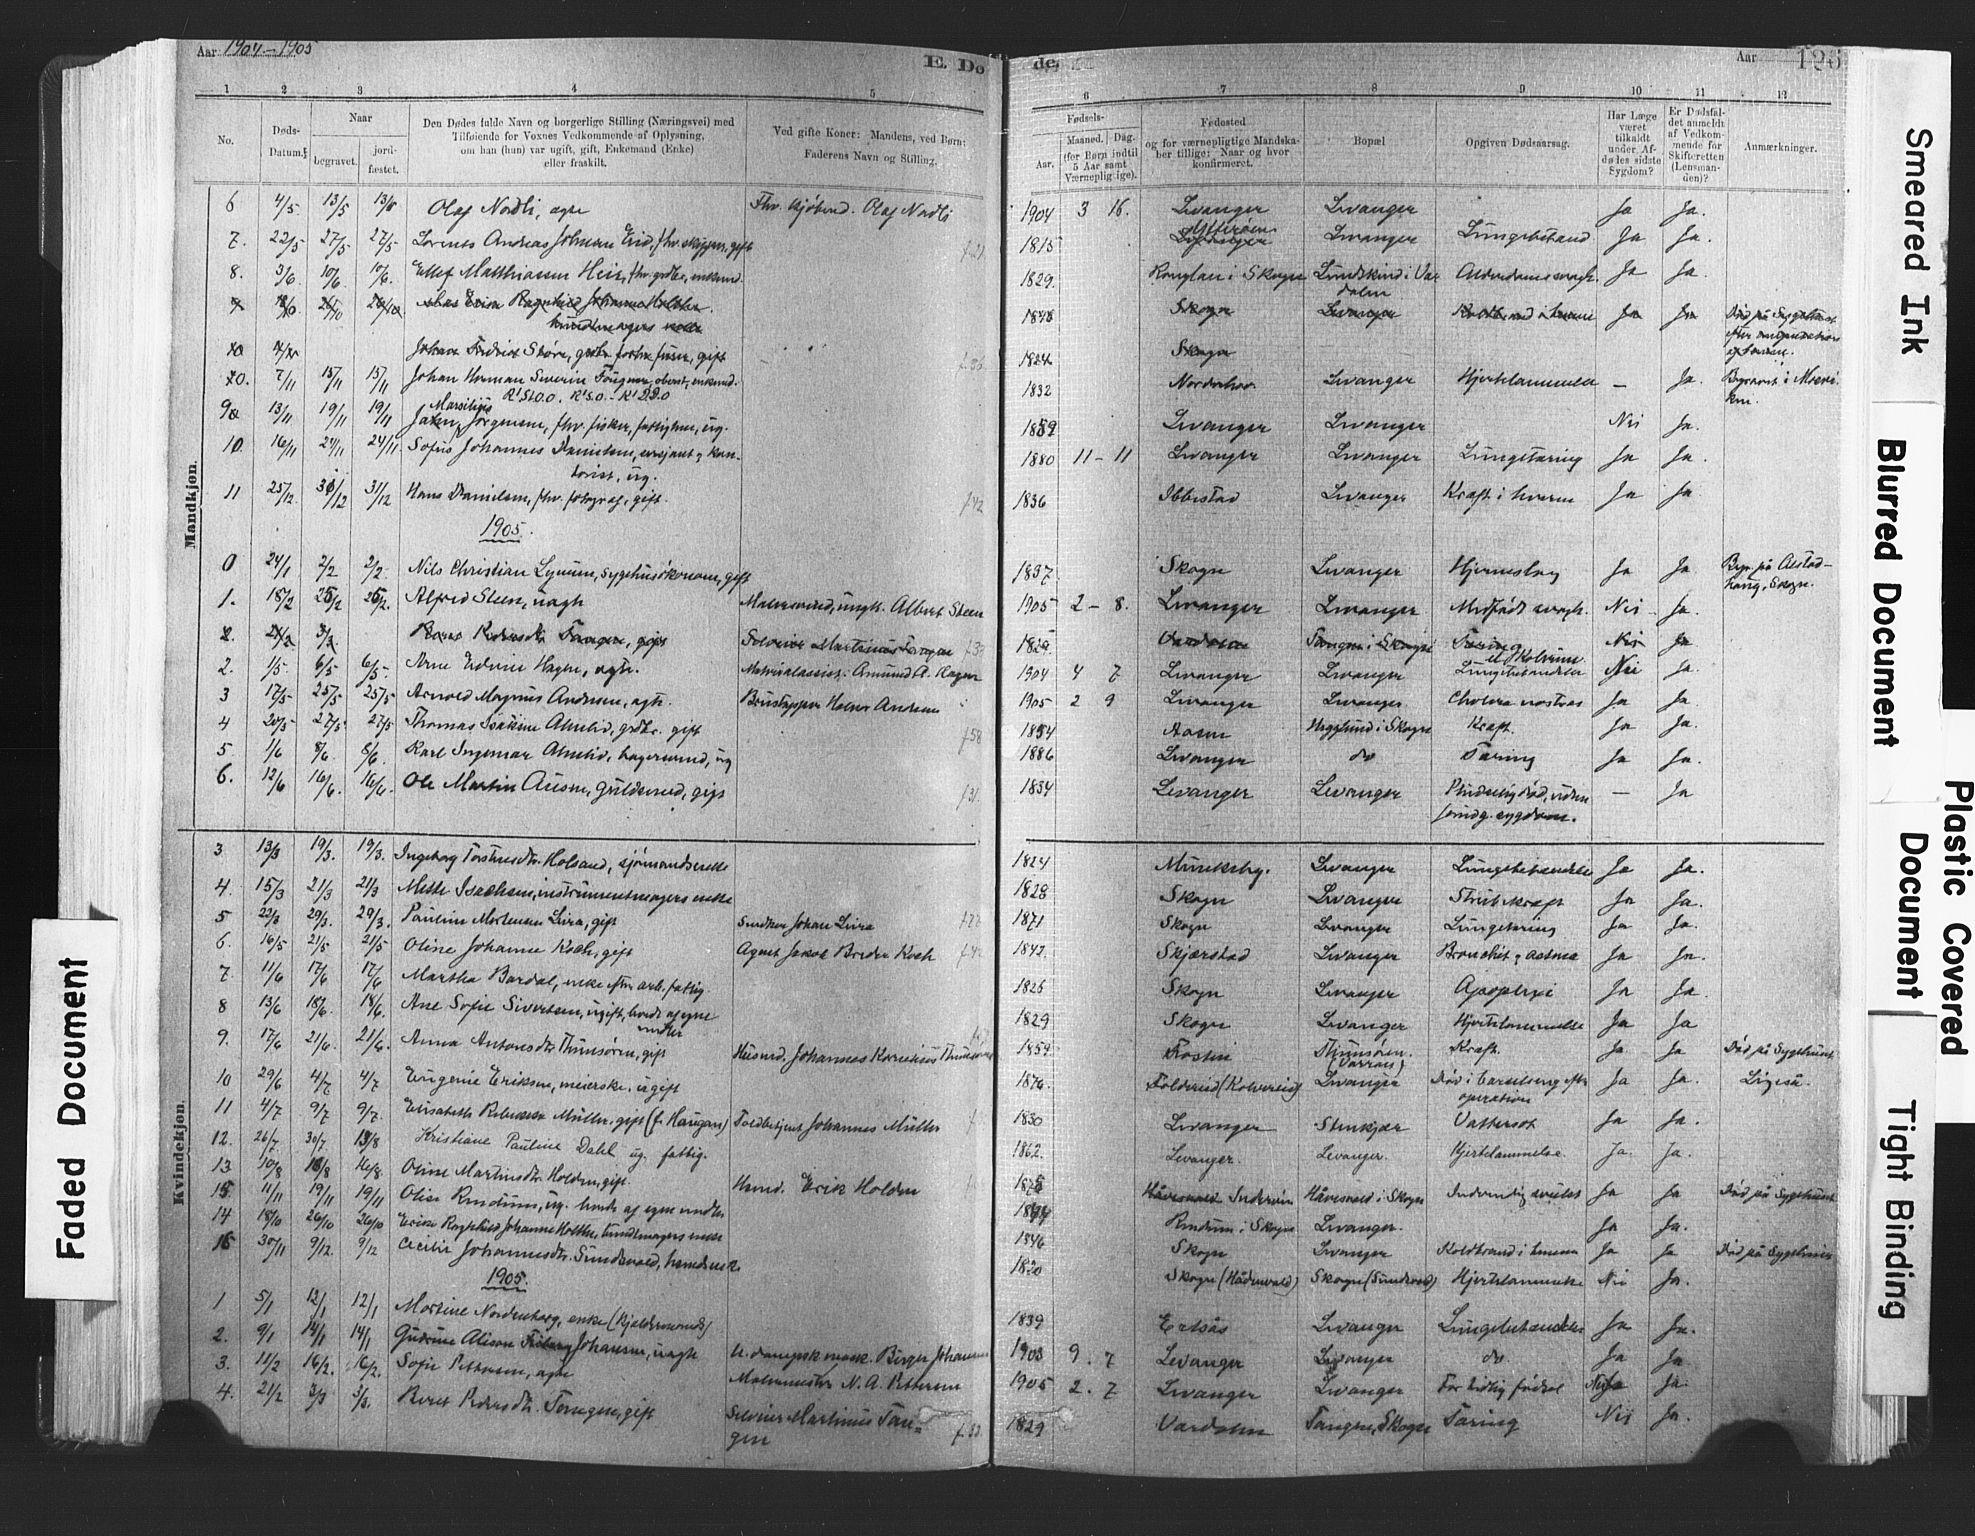 SAT, Ministerialprotokoller, klokkerbøker og fødselsregistre - Nord-Trøndelag, 720/L0189: Ministerialbok nr. 720A05, 1880-1911, s. 126